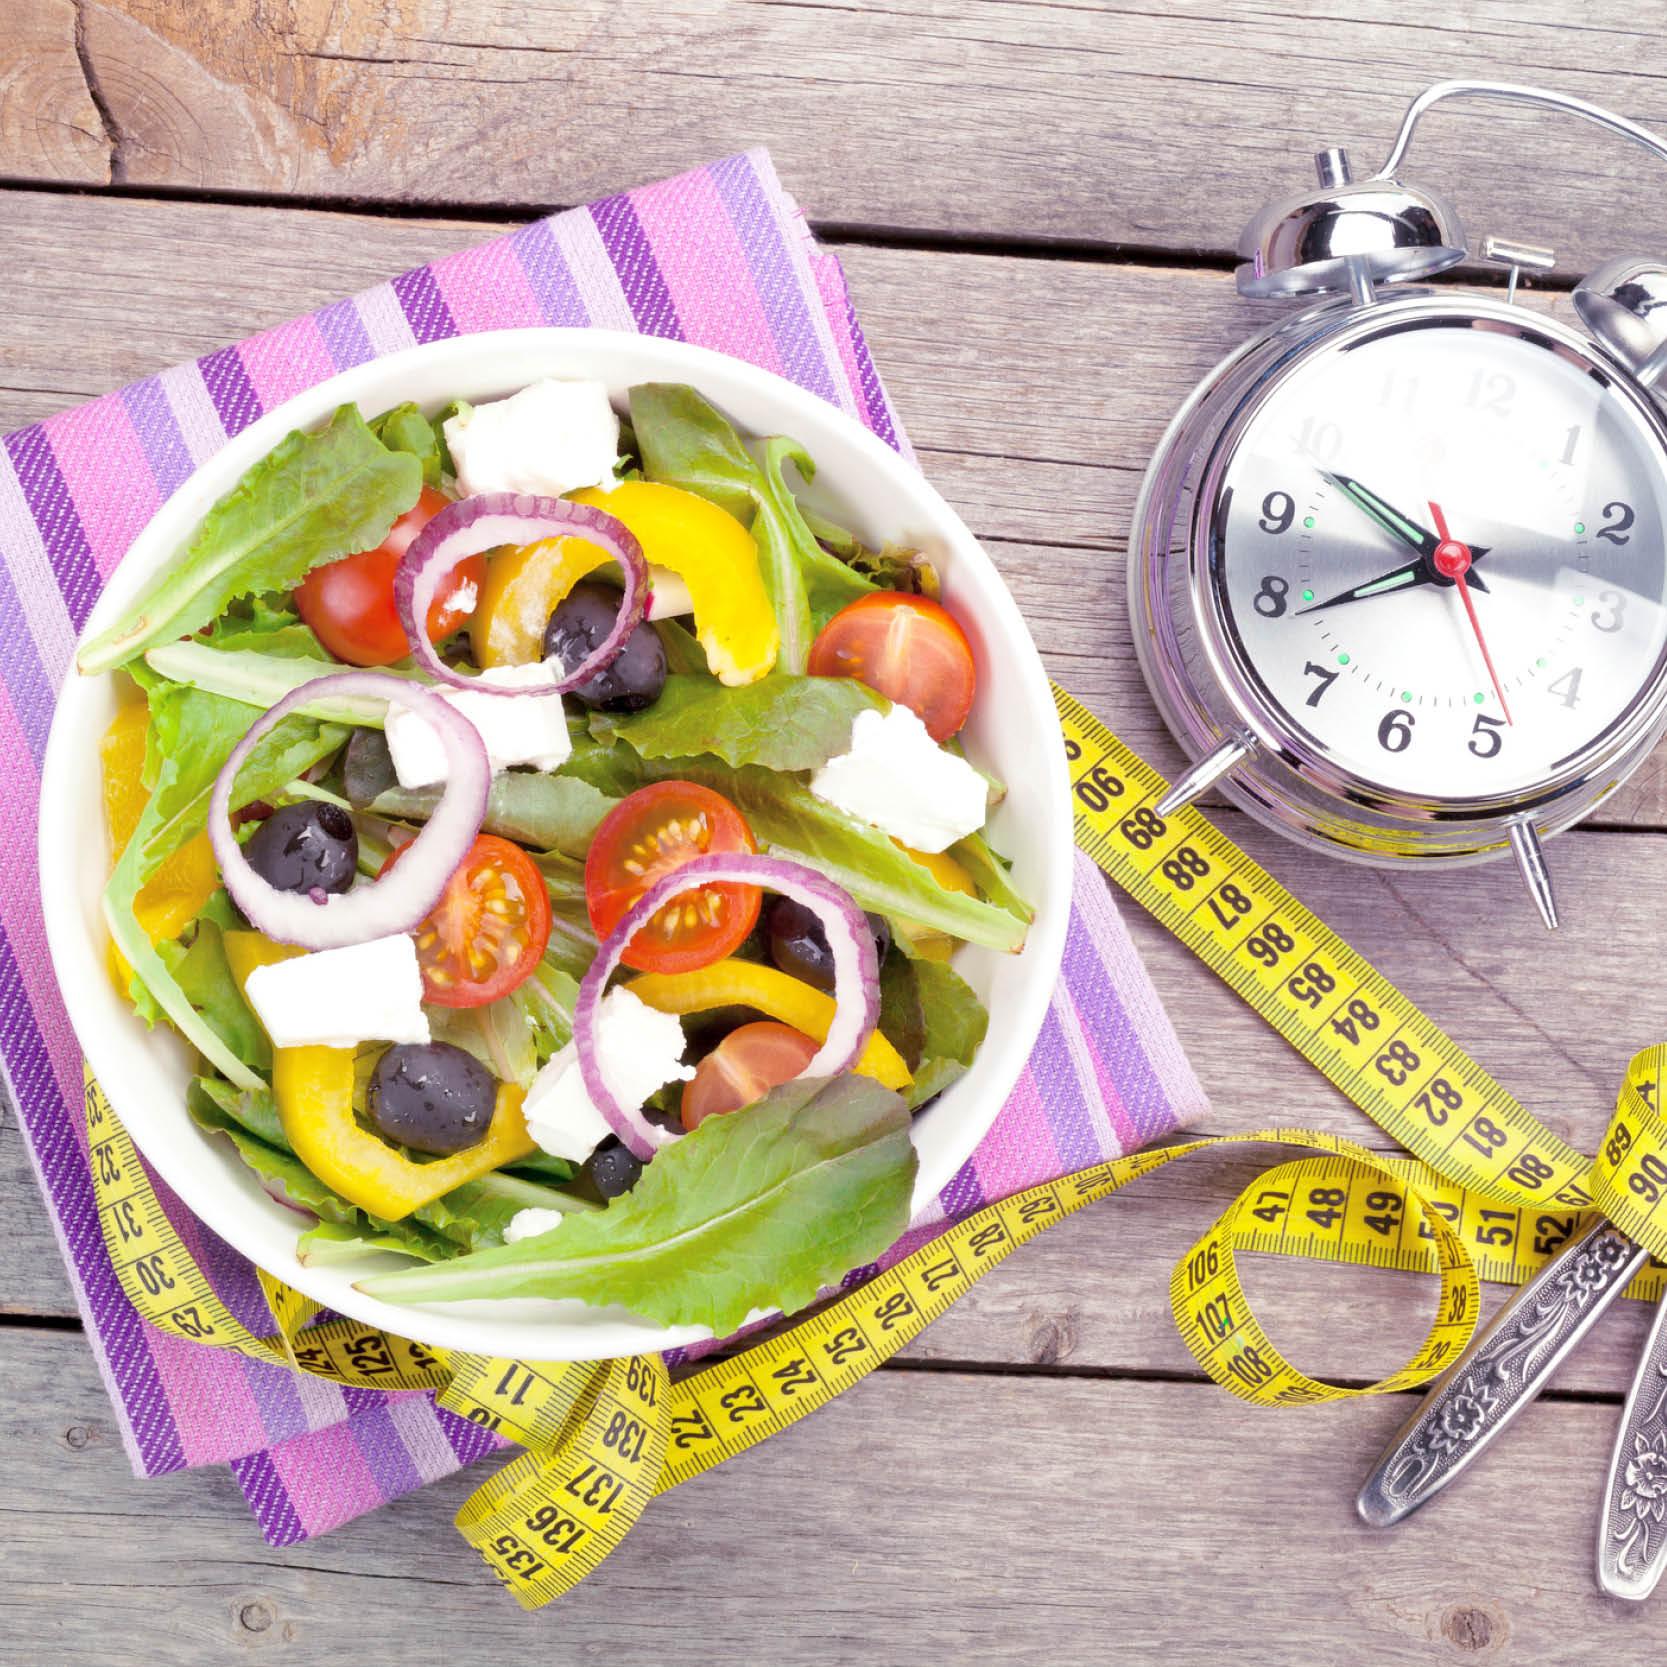 Диета С 16 Февраля. Питание 8/16 для похудения. Что это такое, меню на каждый день, отзывы и результаты